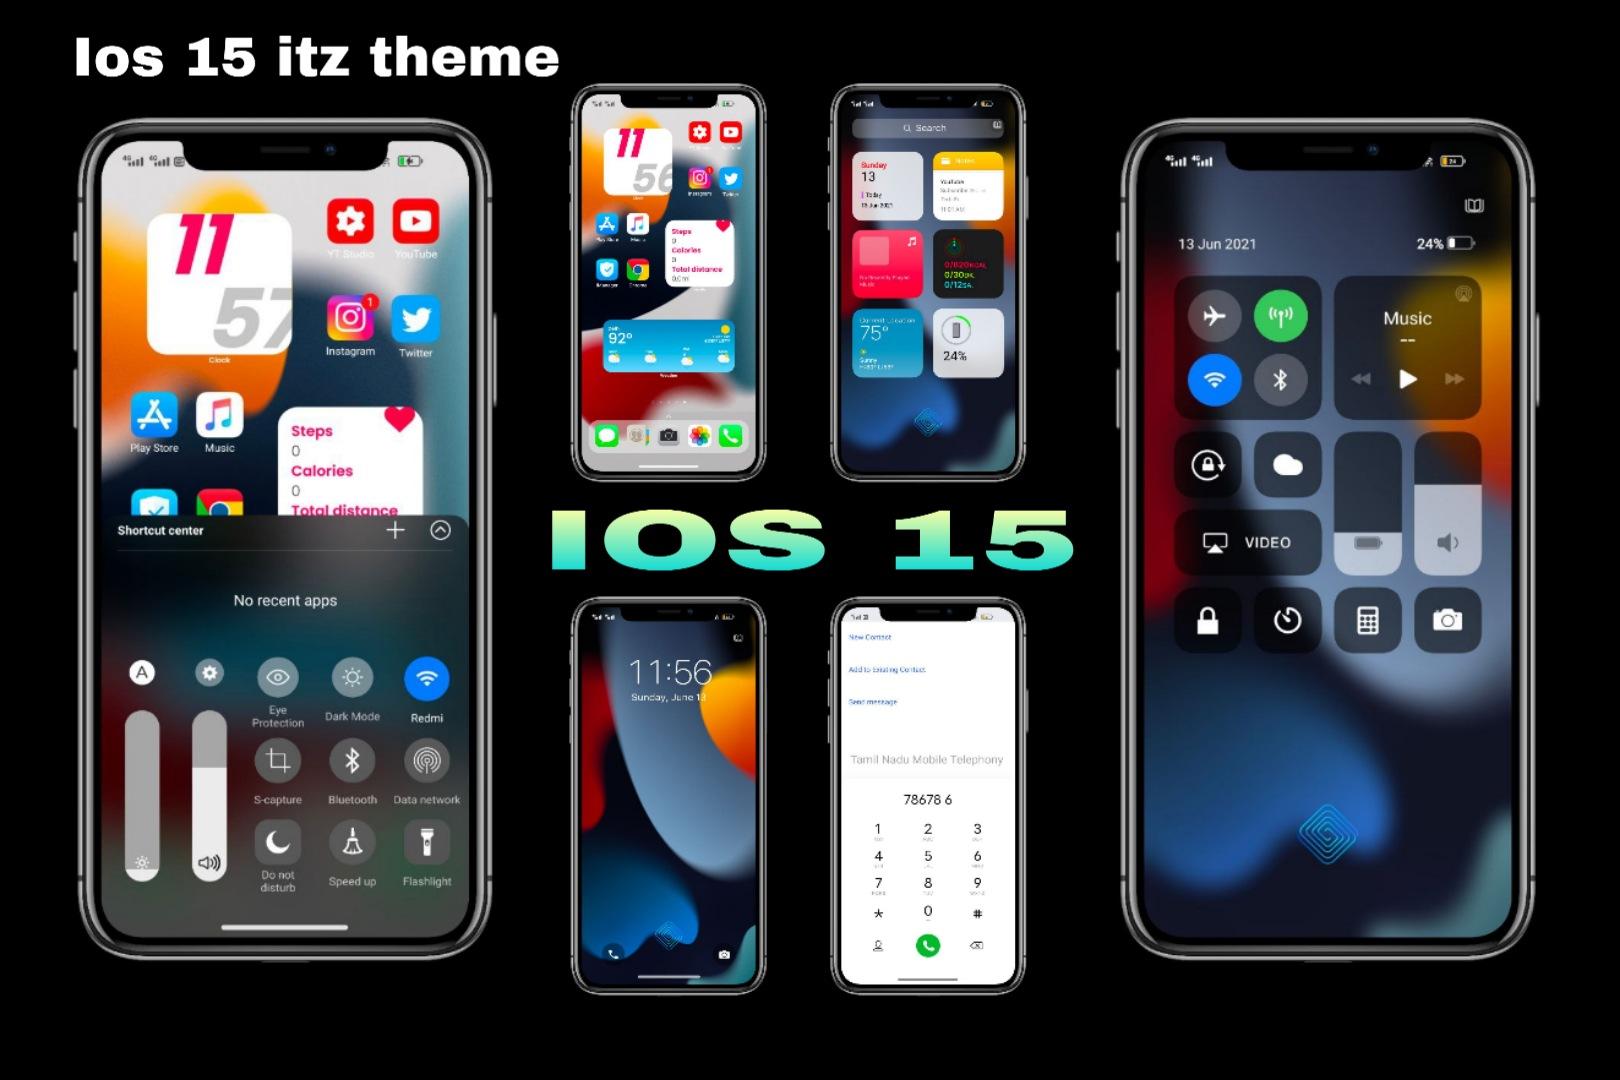 IOS 15 theme For Vivo / Feel UI [IOS 15 itz theme]